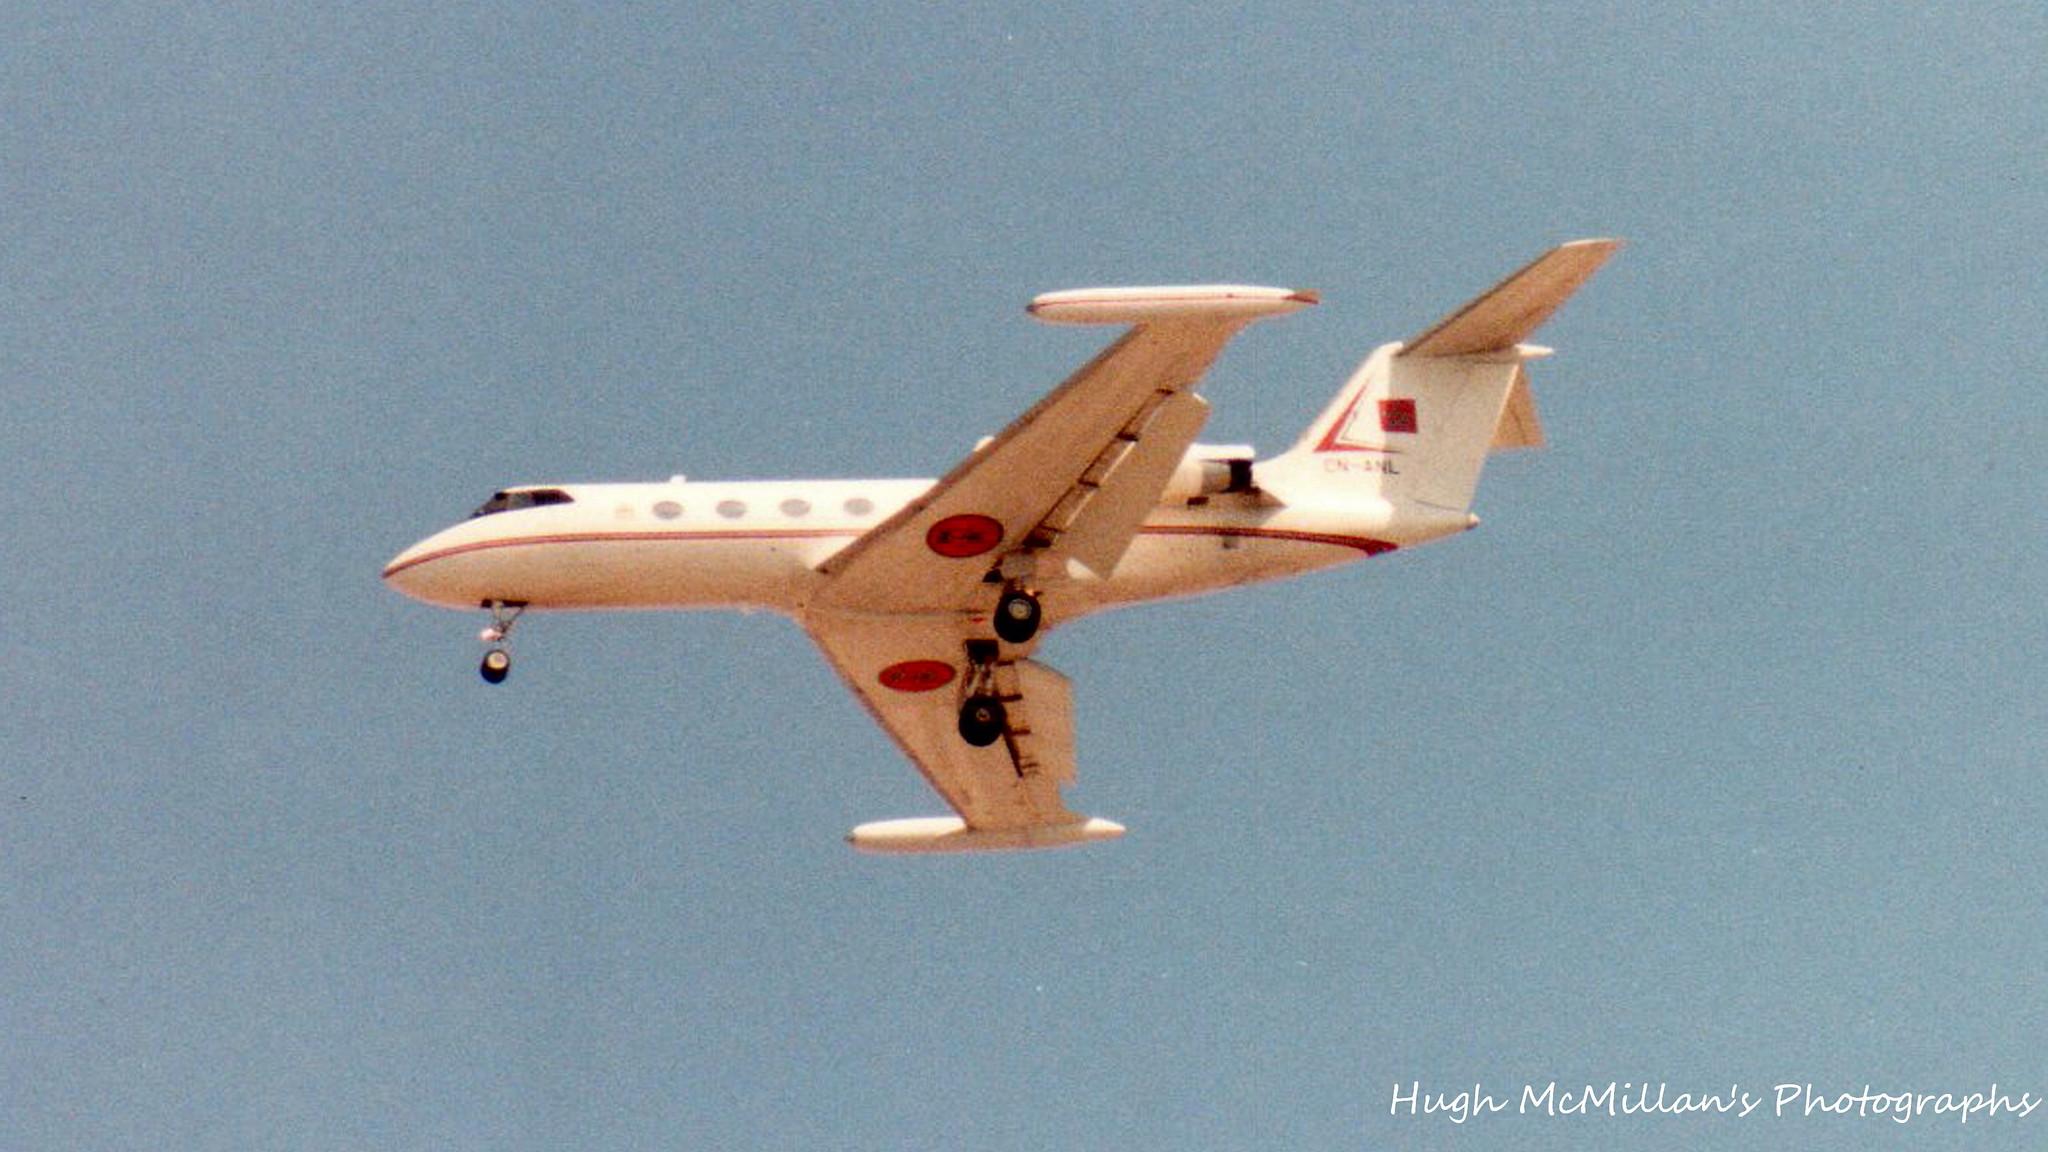 FRA: Photos anciens avions des FRA - Page 13 49644367308_63bba6445d_k